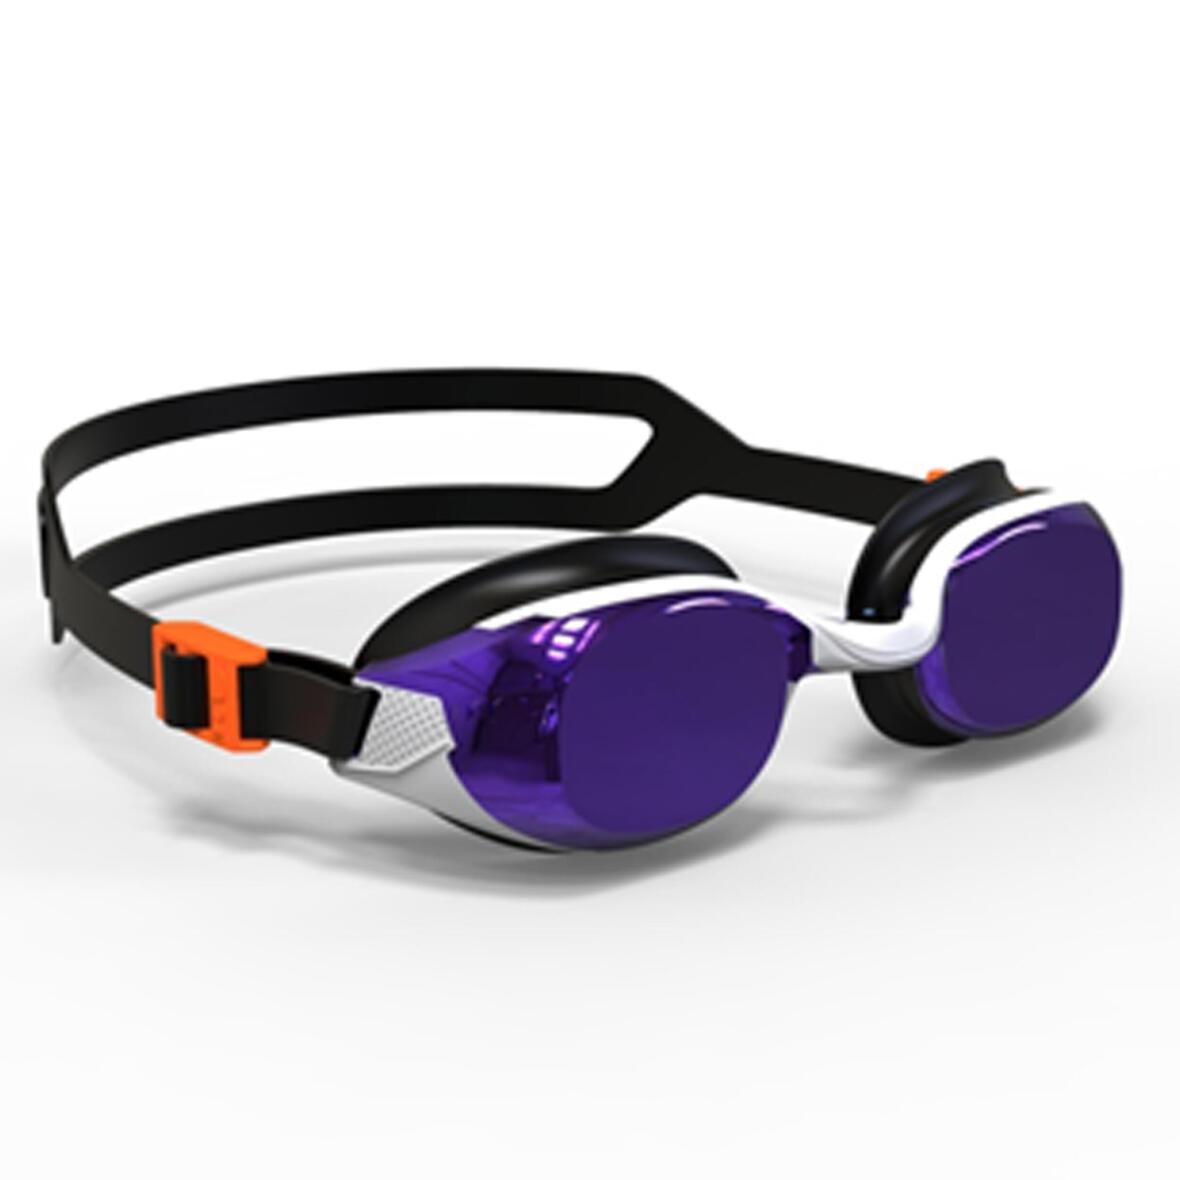 進階款高穩定防霧泳鏡(彩色鏡面鏡片)